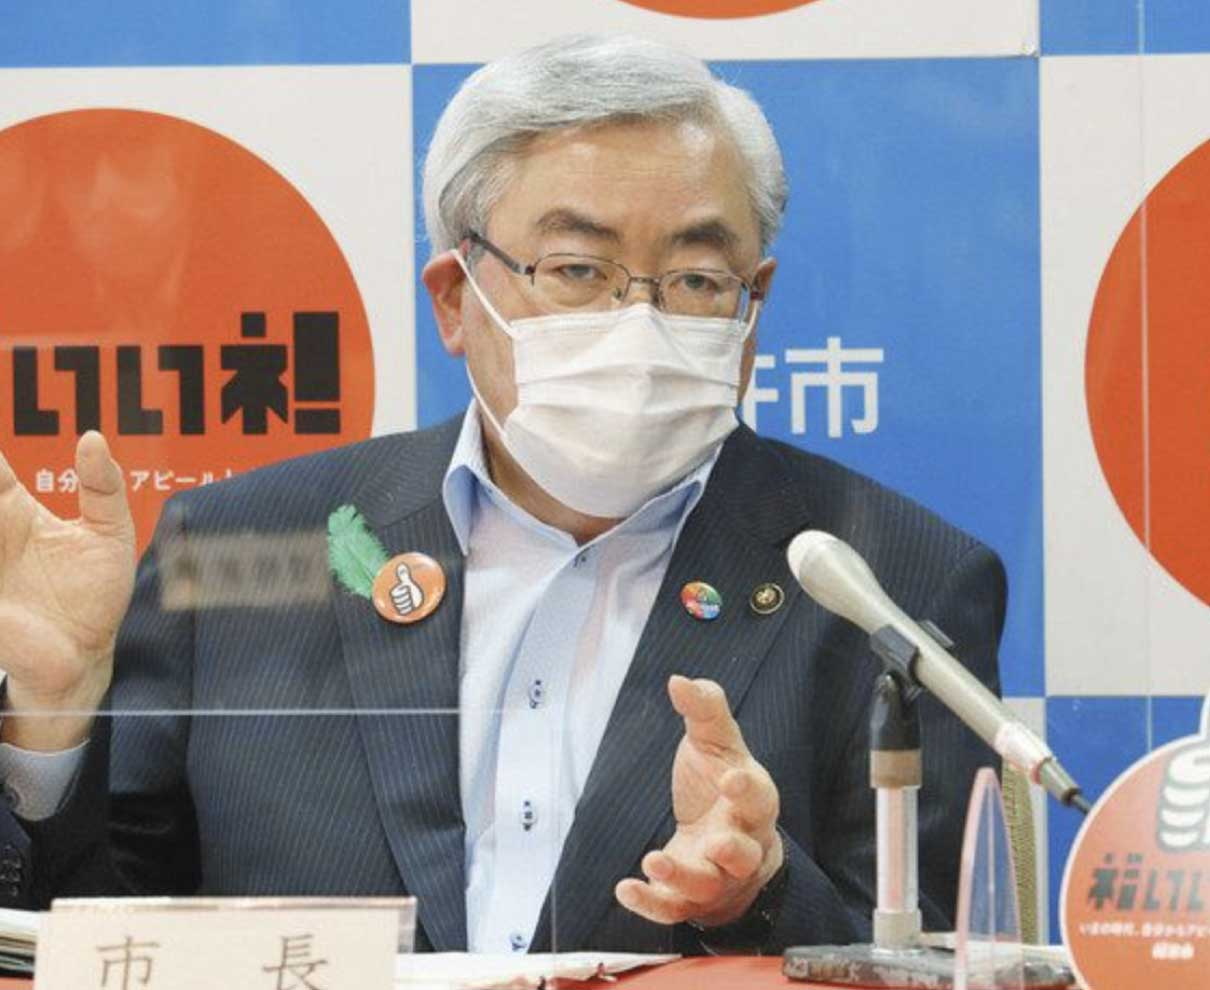 高齢者接種7月完了「現行では難しい」 福井市長が認識